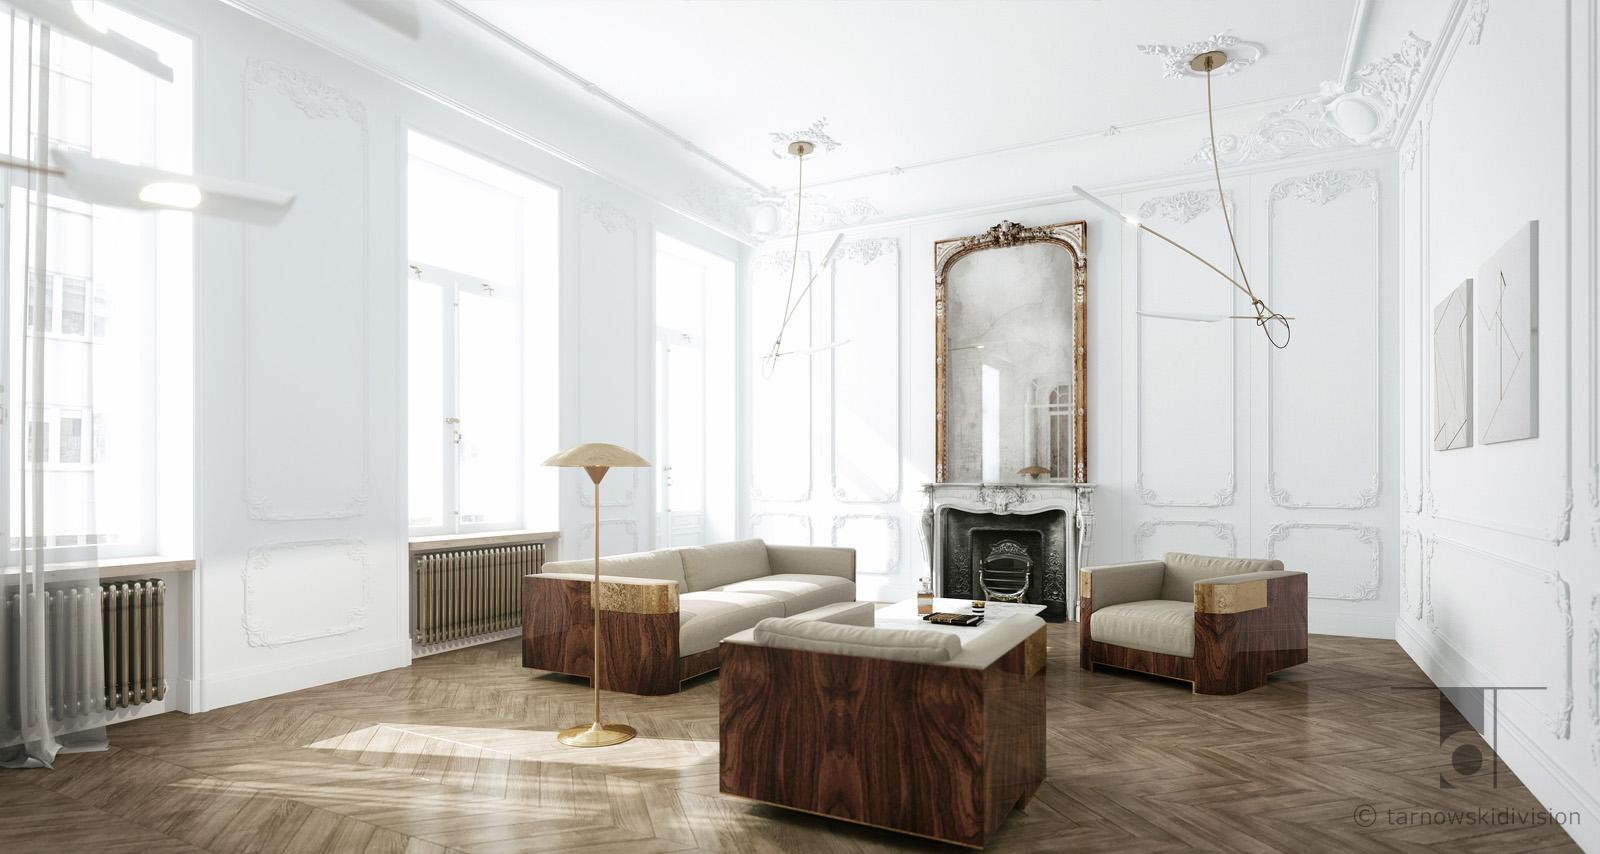 eleganckie wnętrze luksusowe wnętrze ekskluzywne wnętrza paryski apartament luxury living room_tarnowski division